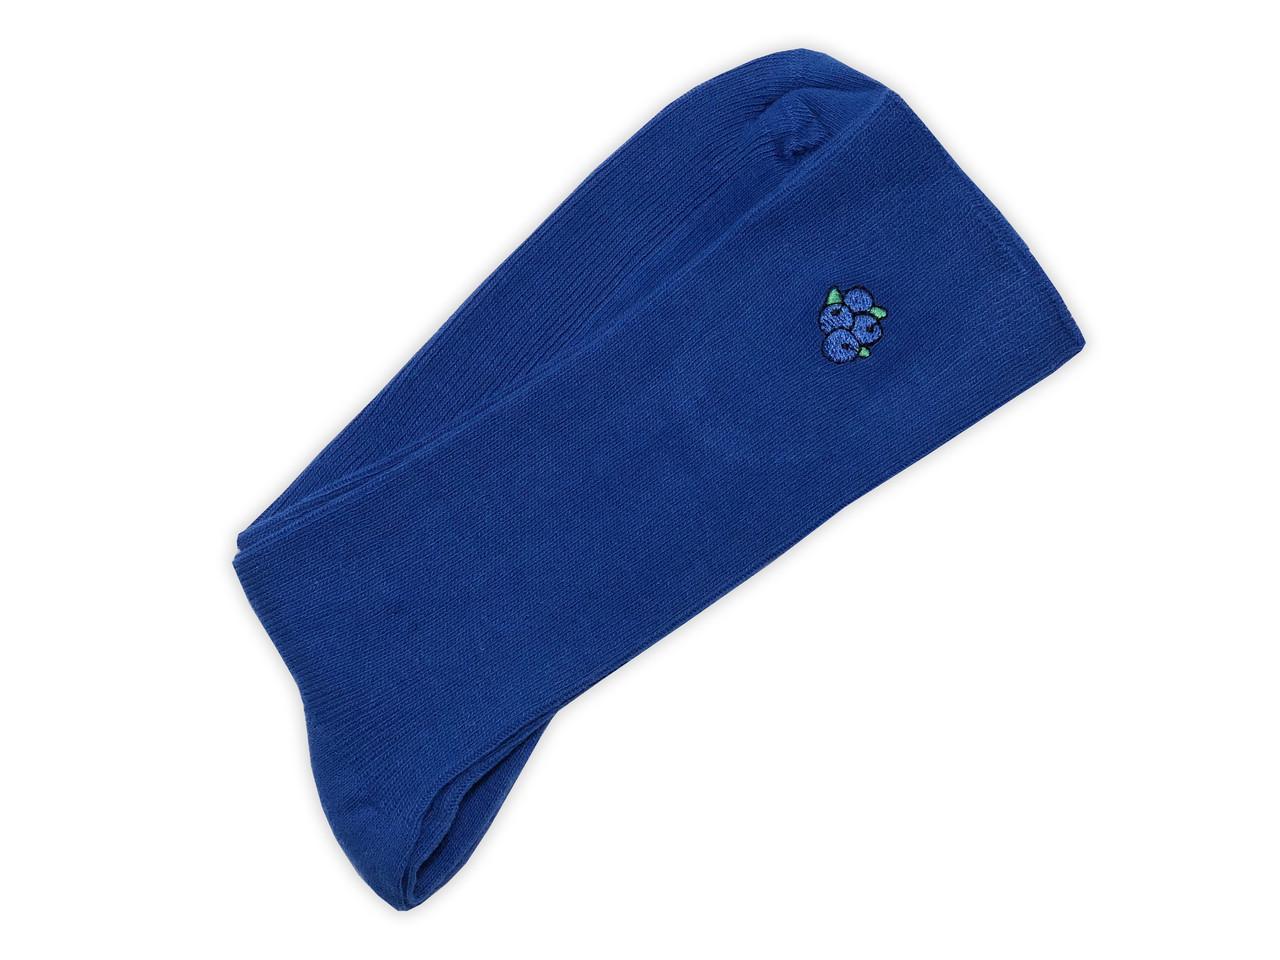 Носки Neseli Daily Premium Голубика 5988